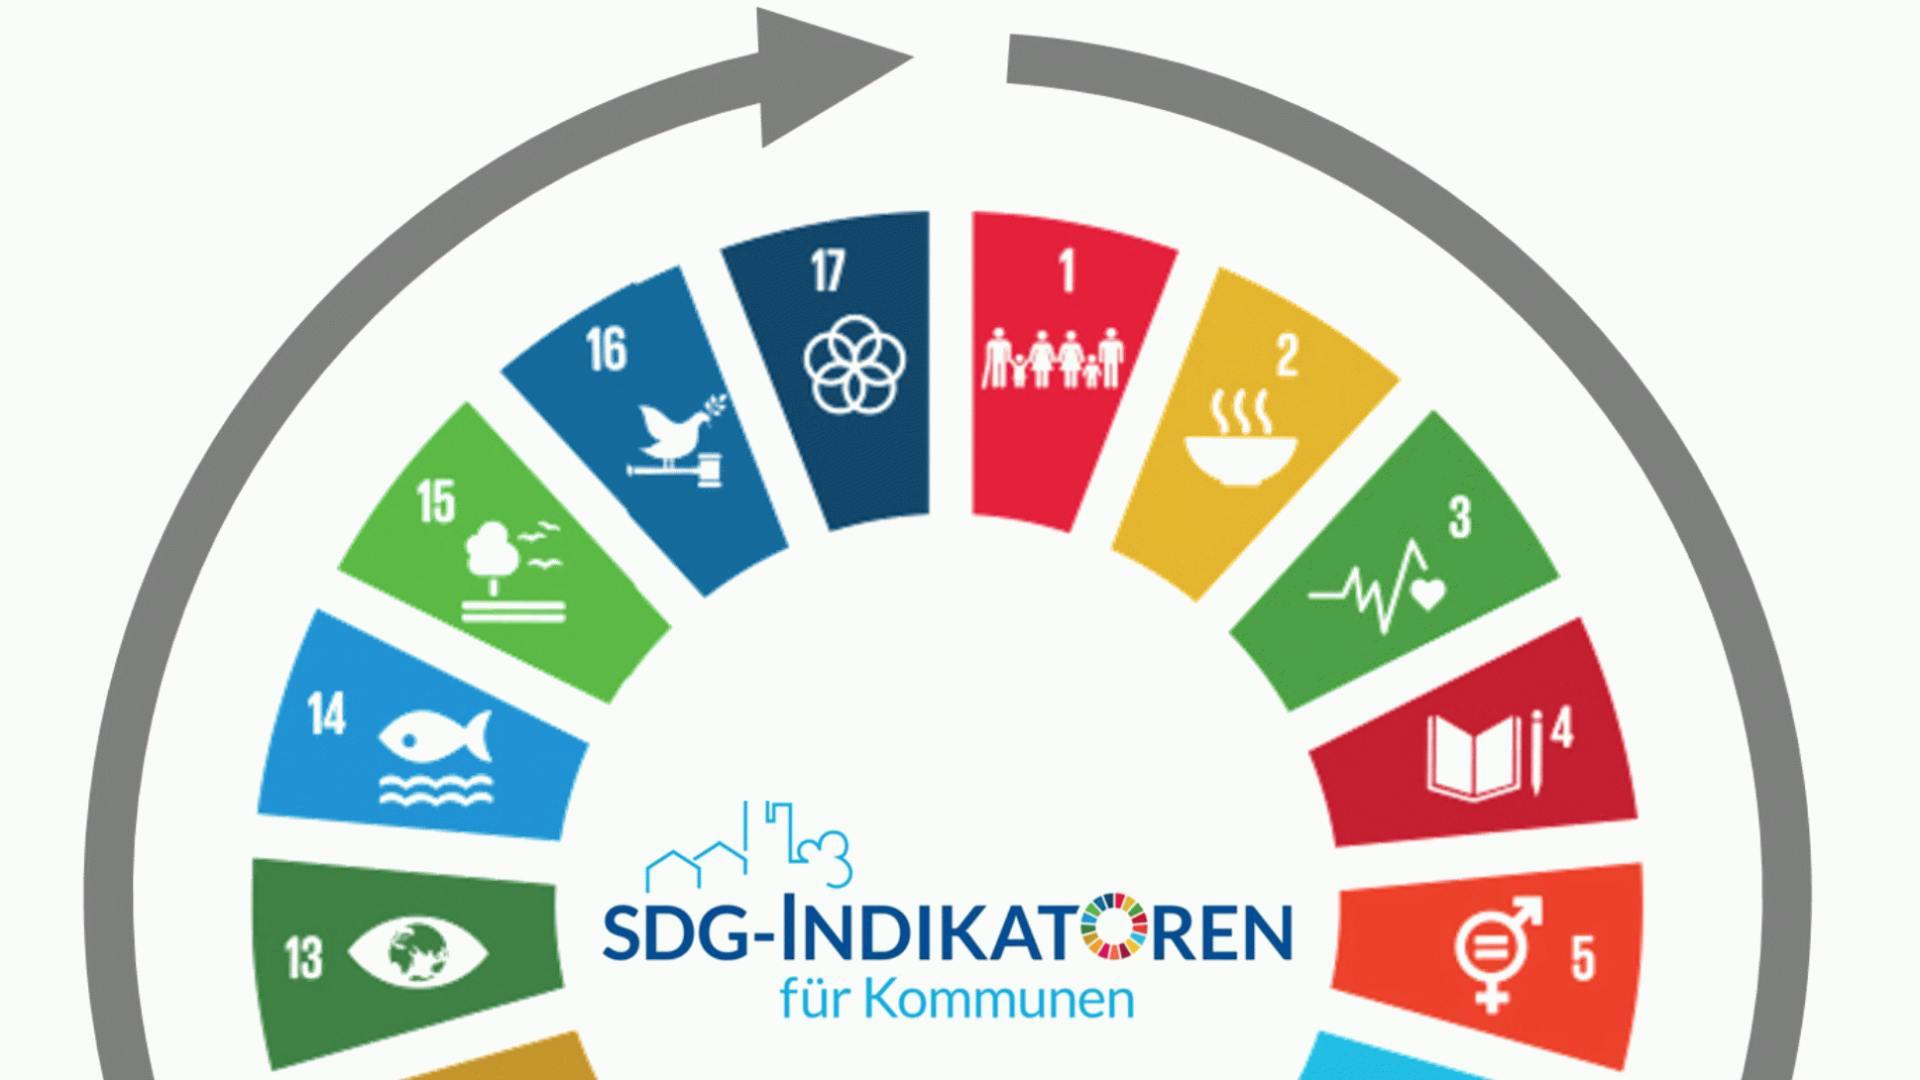 SDG-Indikatoren als Basis für das kommunale Nachhaltigkeitsmanagement